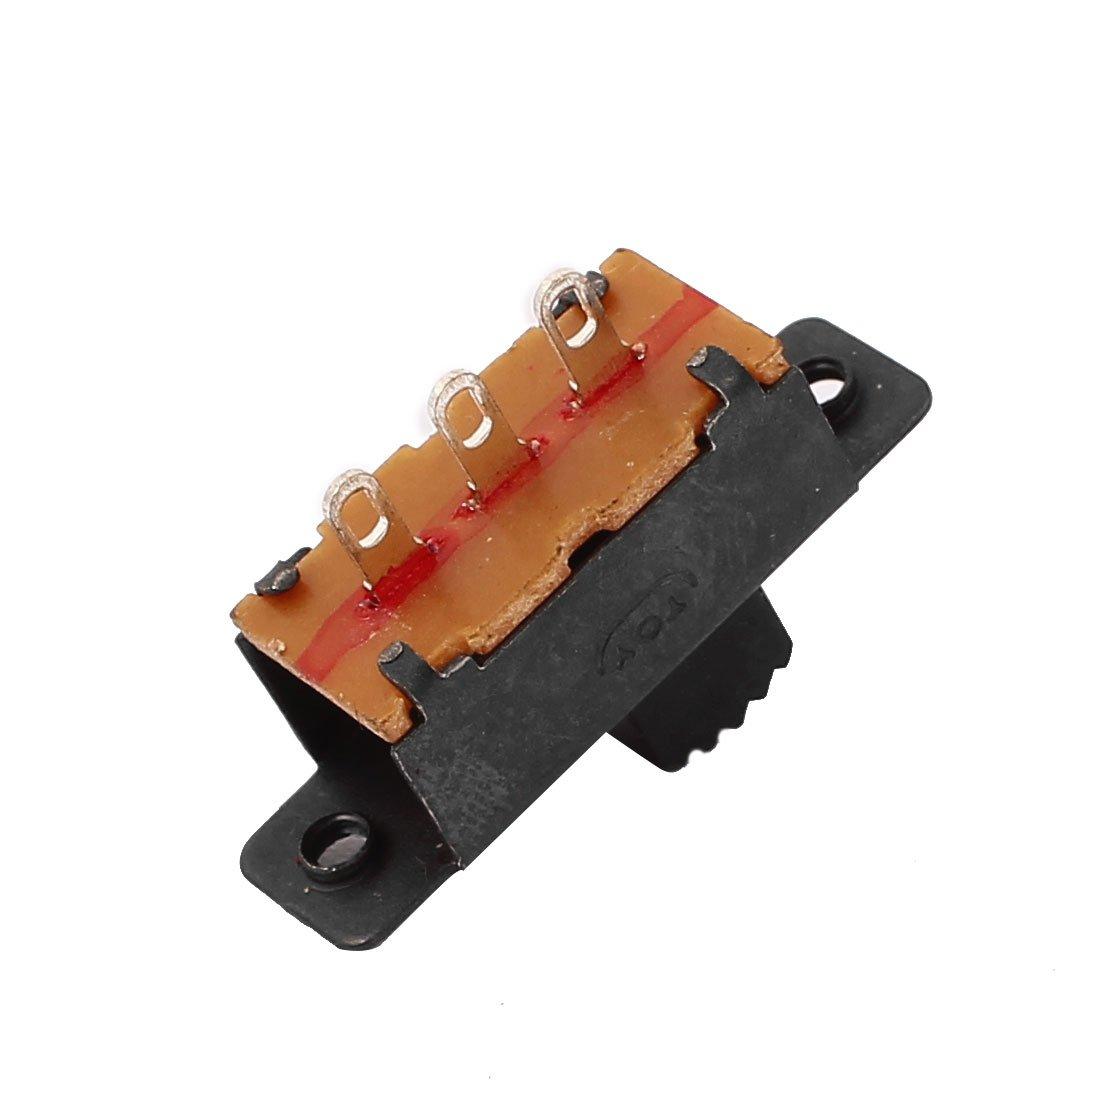 sourcing map 5 piezas de 2 Posici/ón 3P SPDT micro interruptor en miniatura de diapositiva PCB interruptor de palanca de enclavamiento